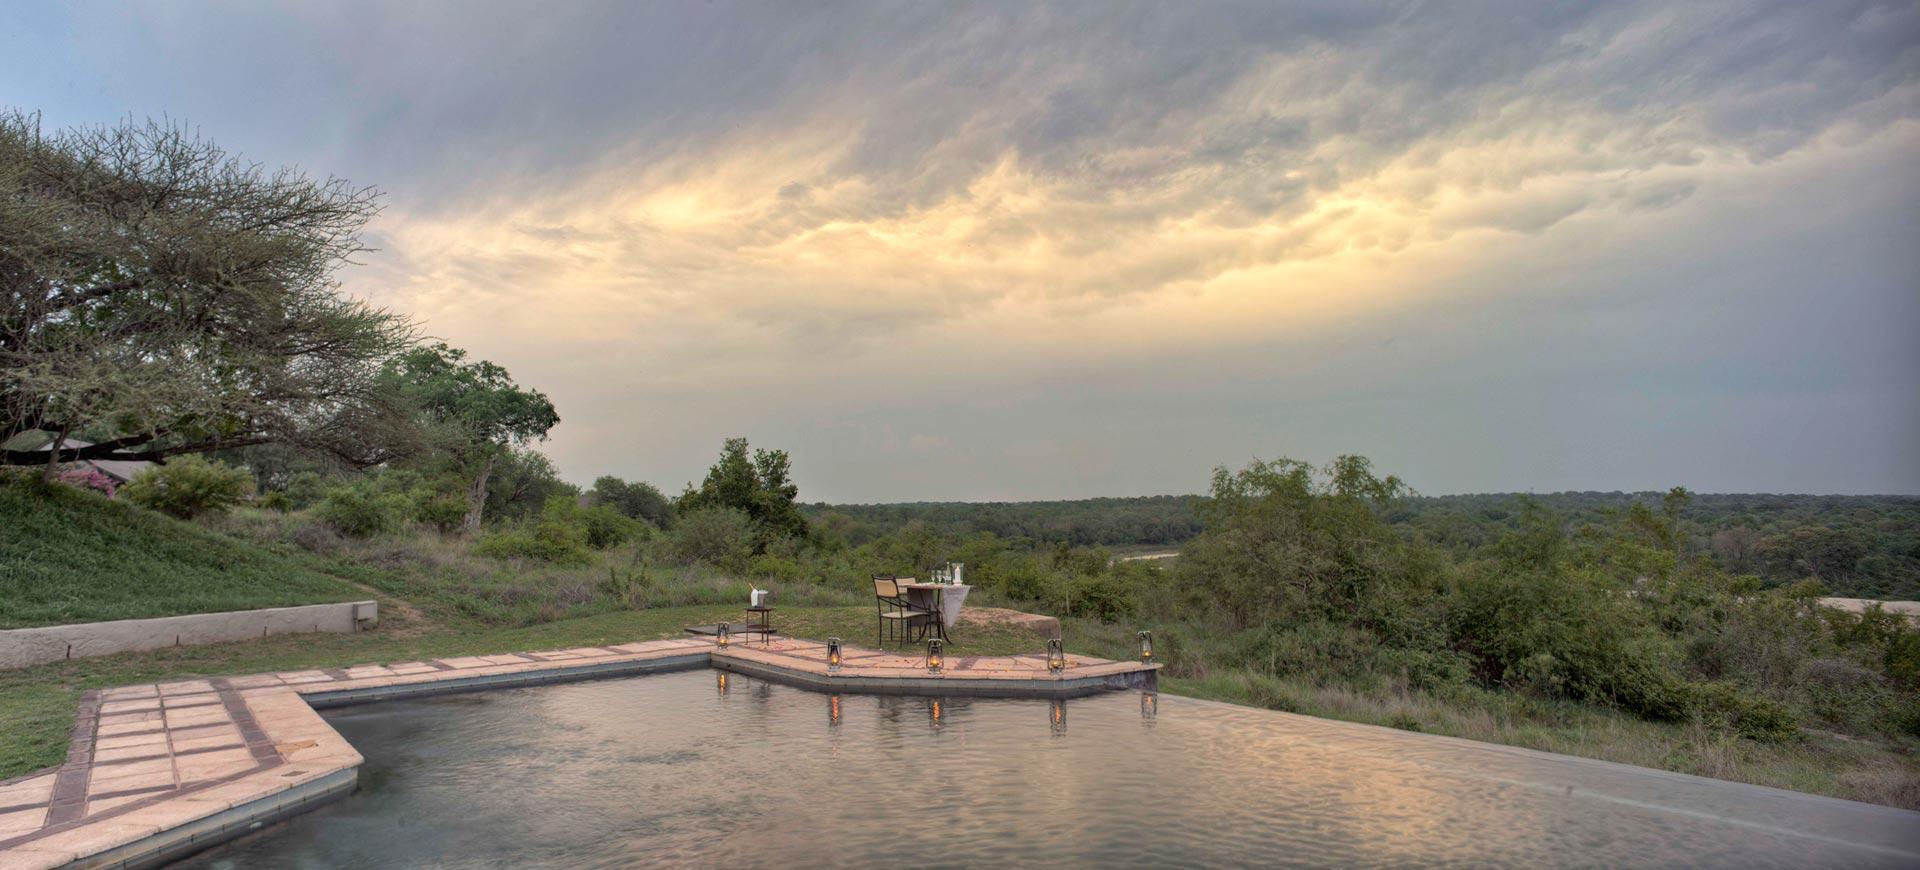 Kirkmans Kamp Sabi Sand Kruger National Park